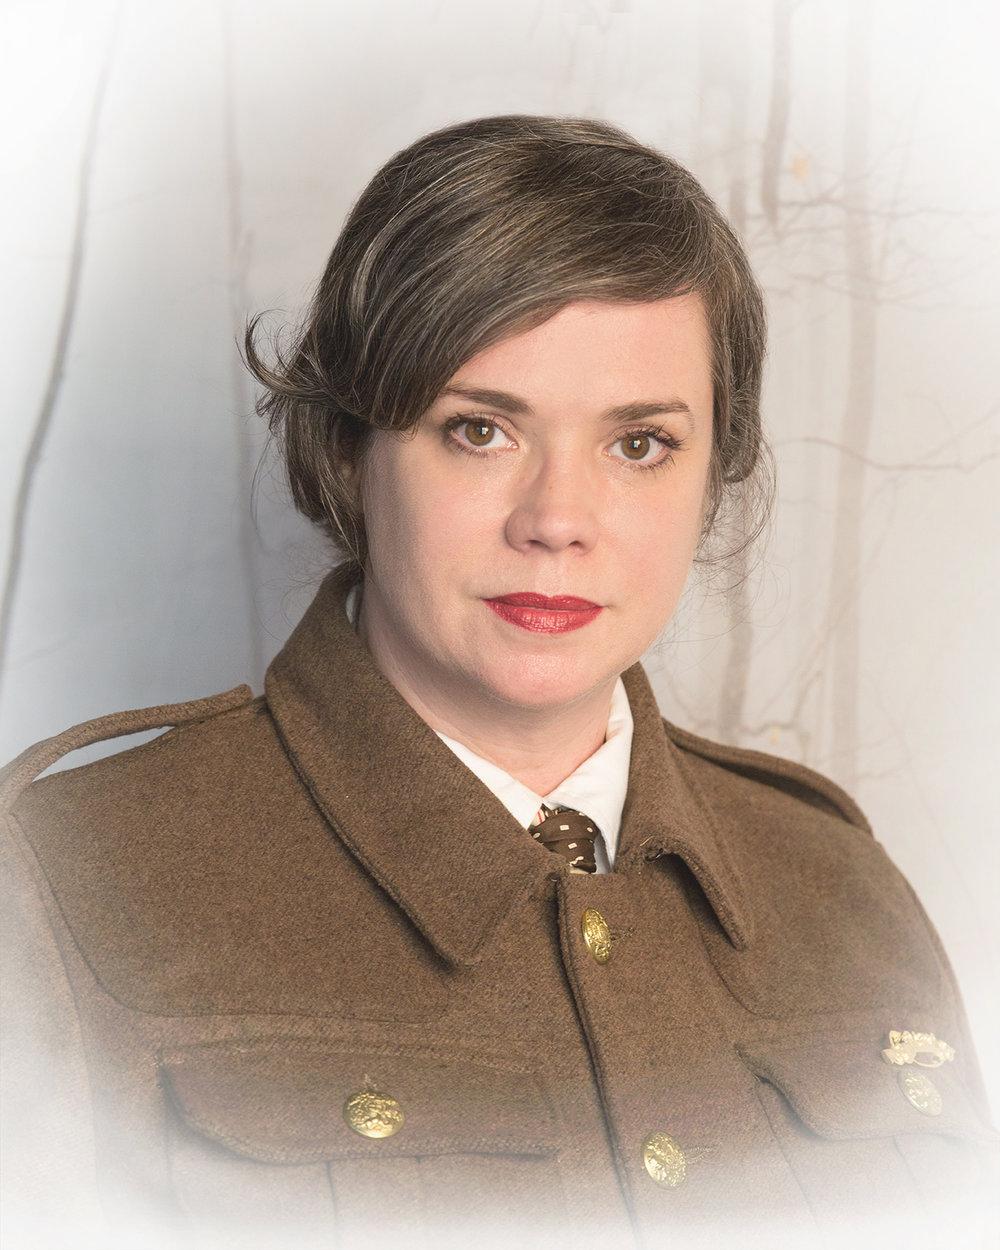 Allison Stewart as Margaret Skinnider